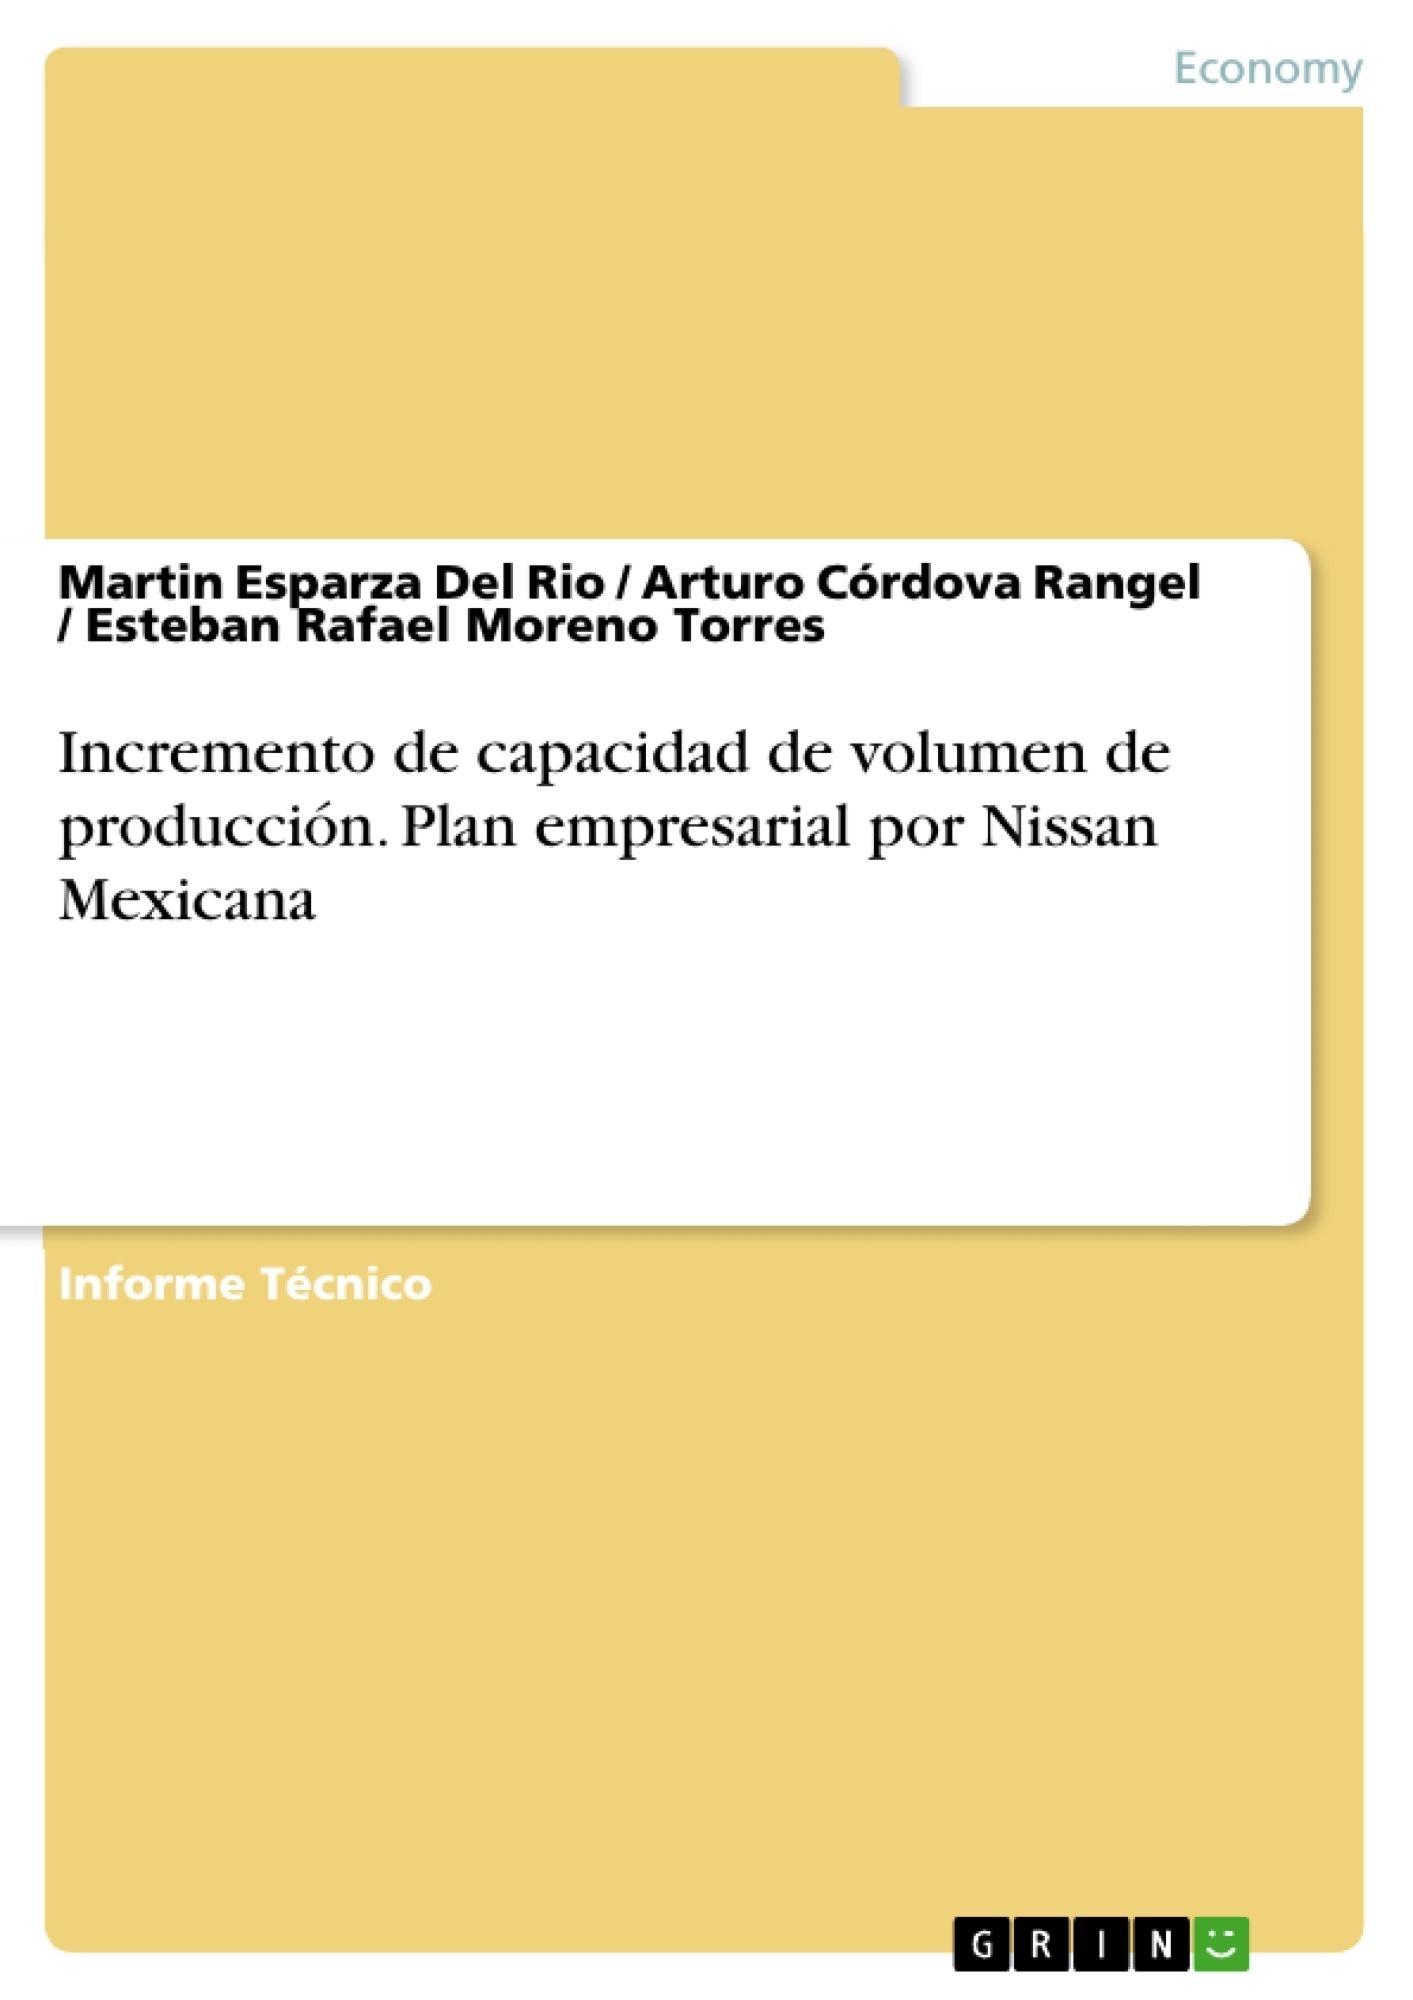 Título: Incremento de capacidad de volumen de producción. Plan empresarial por Nissan Mexicana